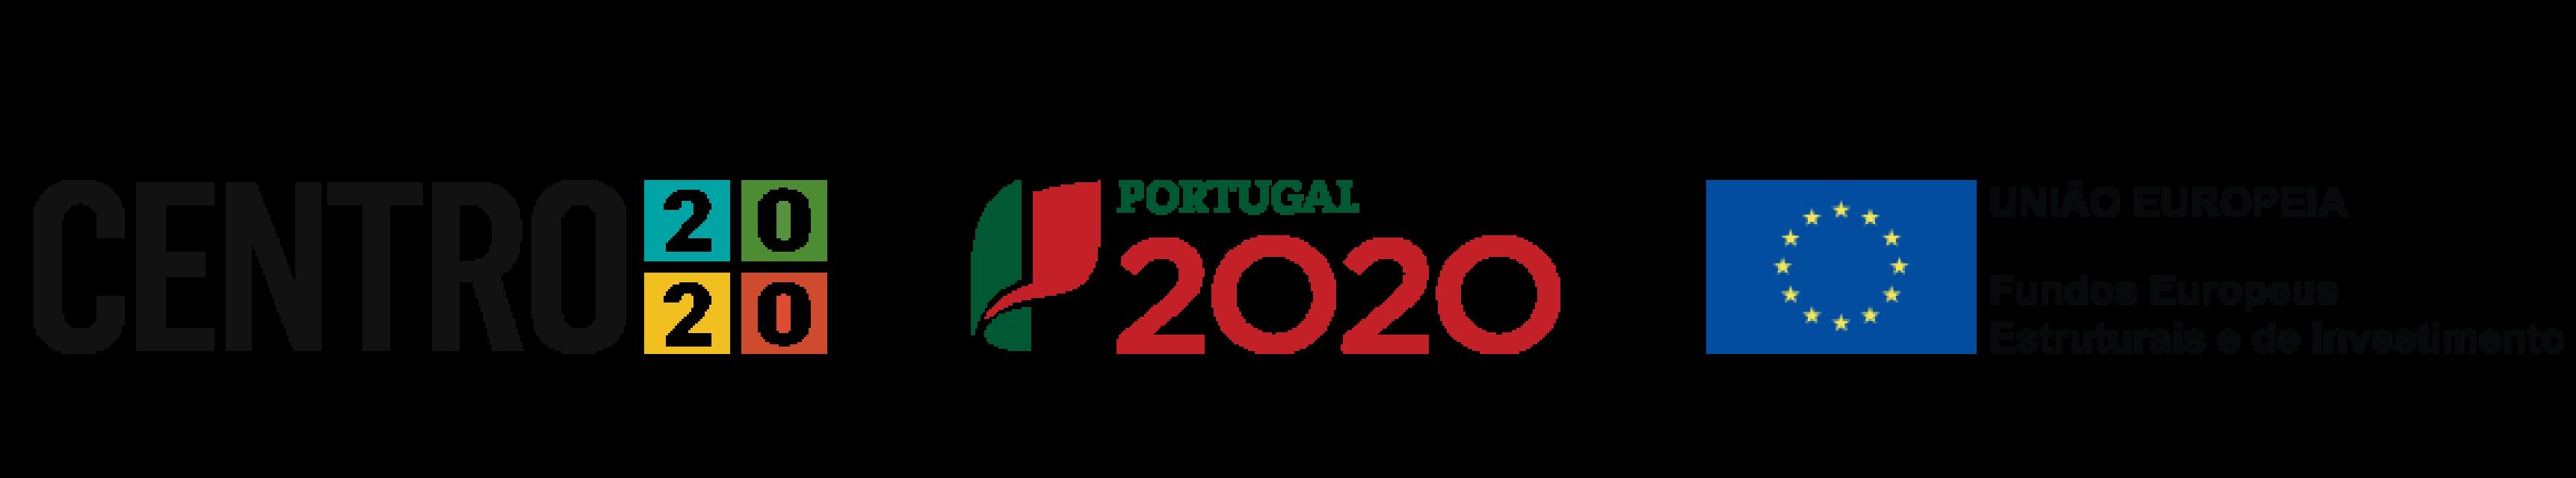 Subsidy Centro 2020